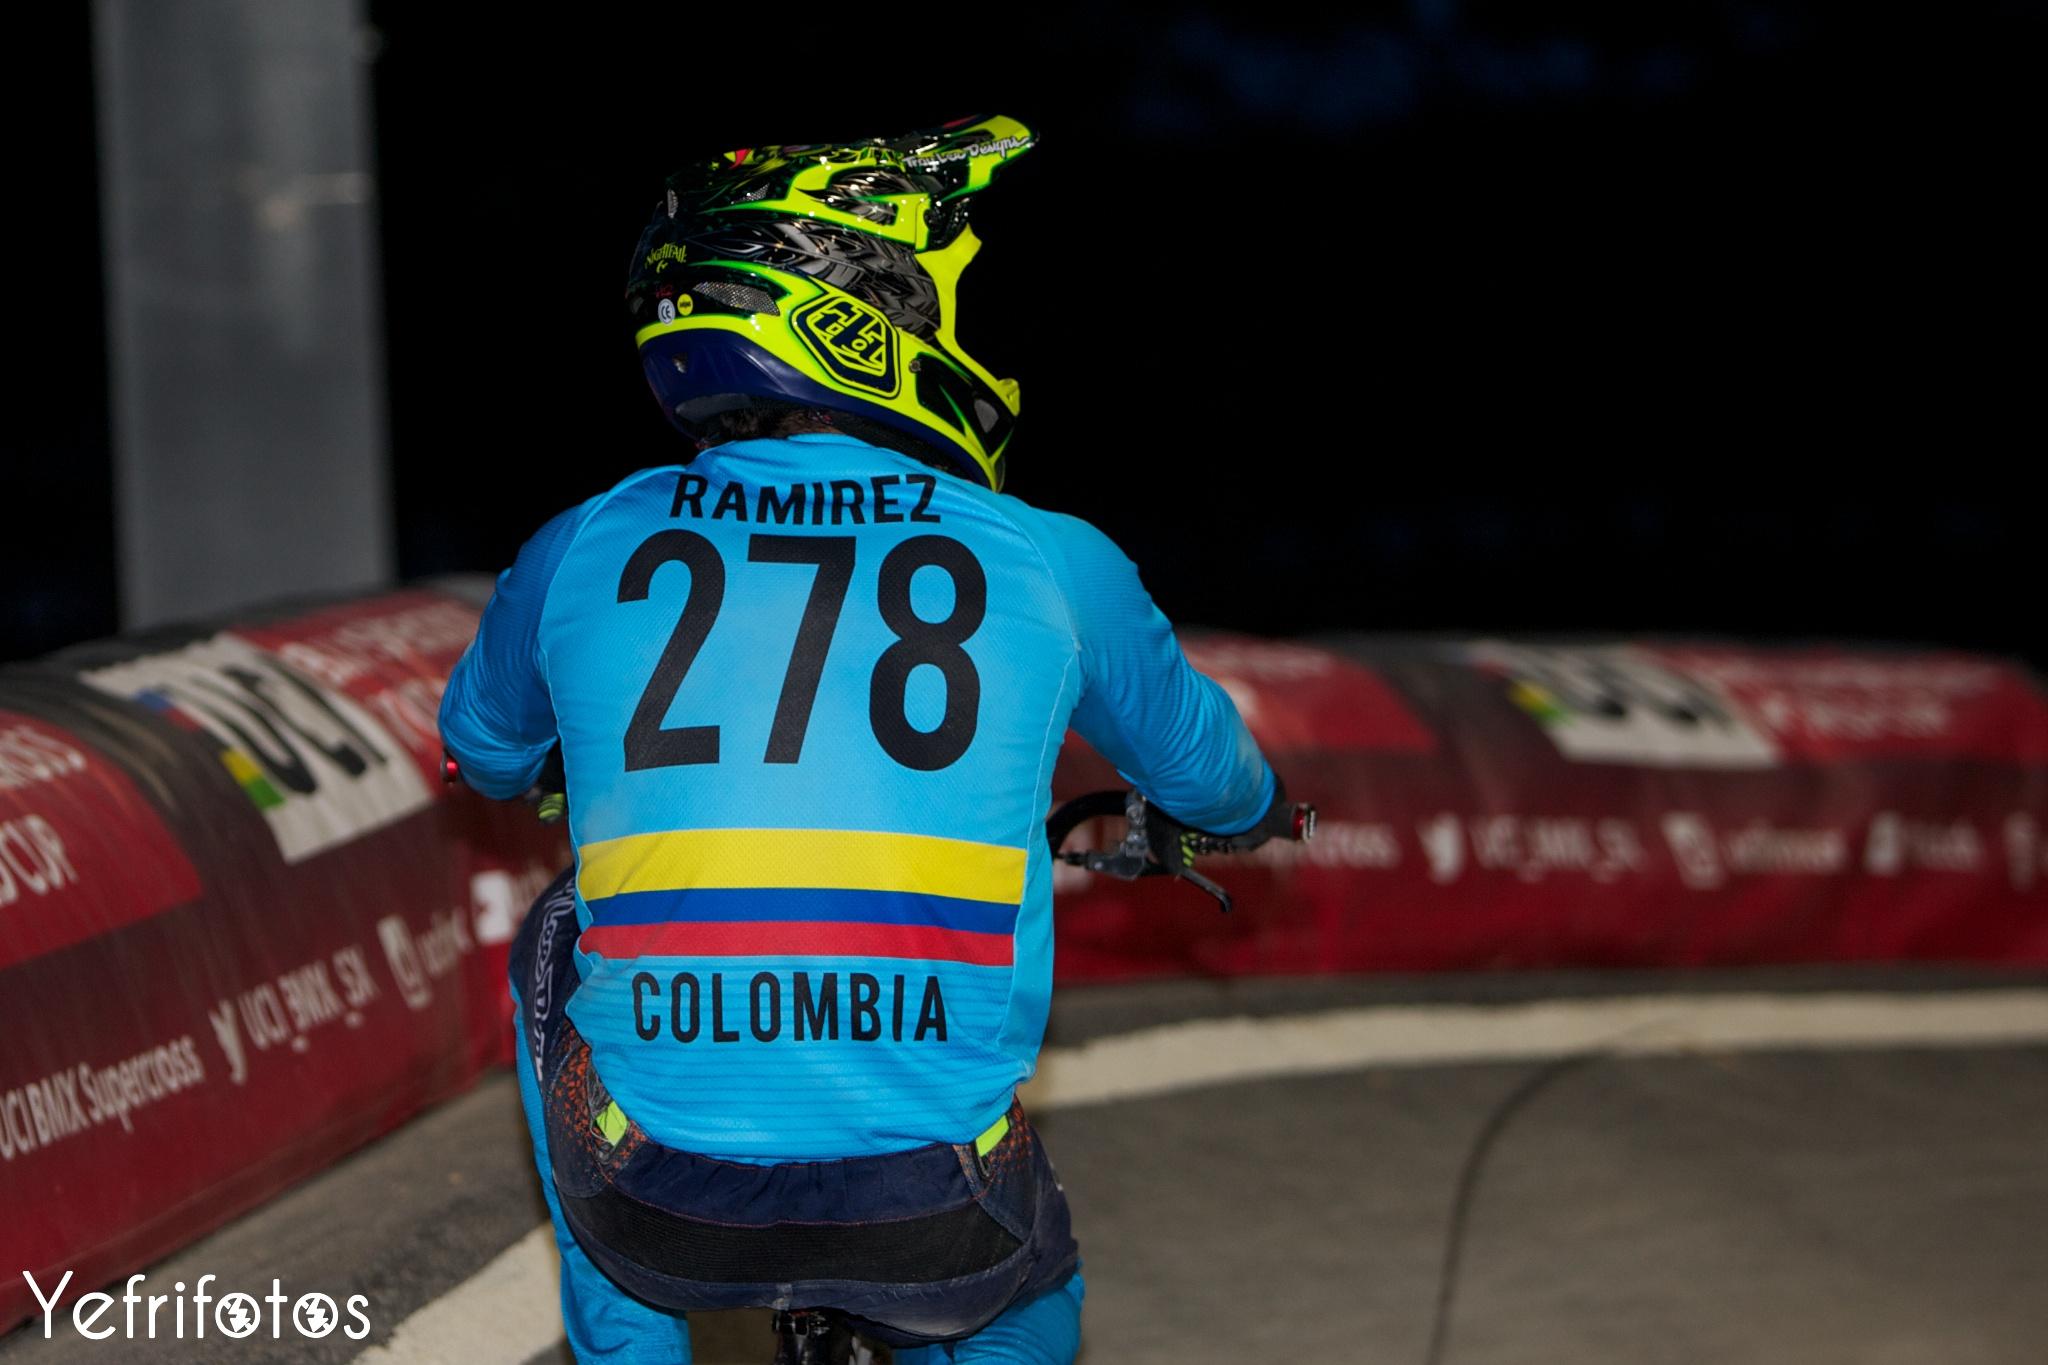 Ramirez Colombia BMX